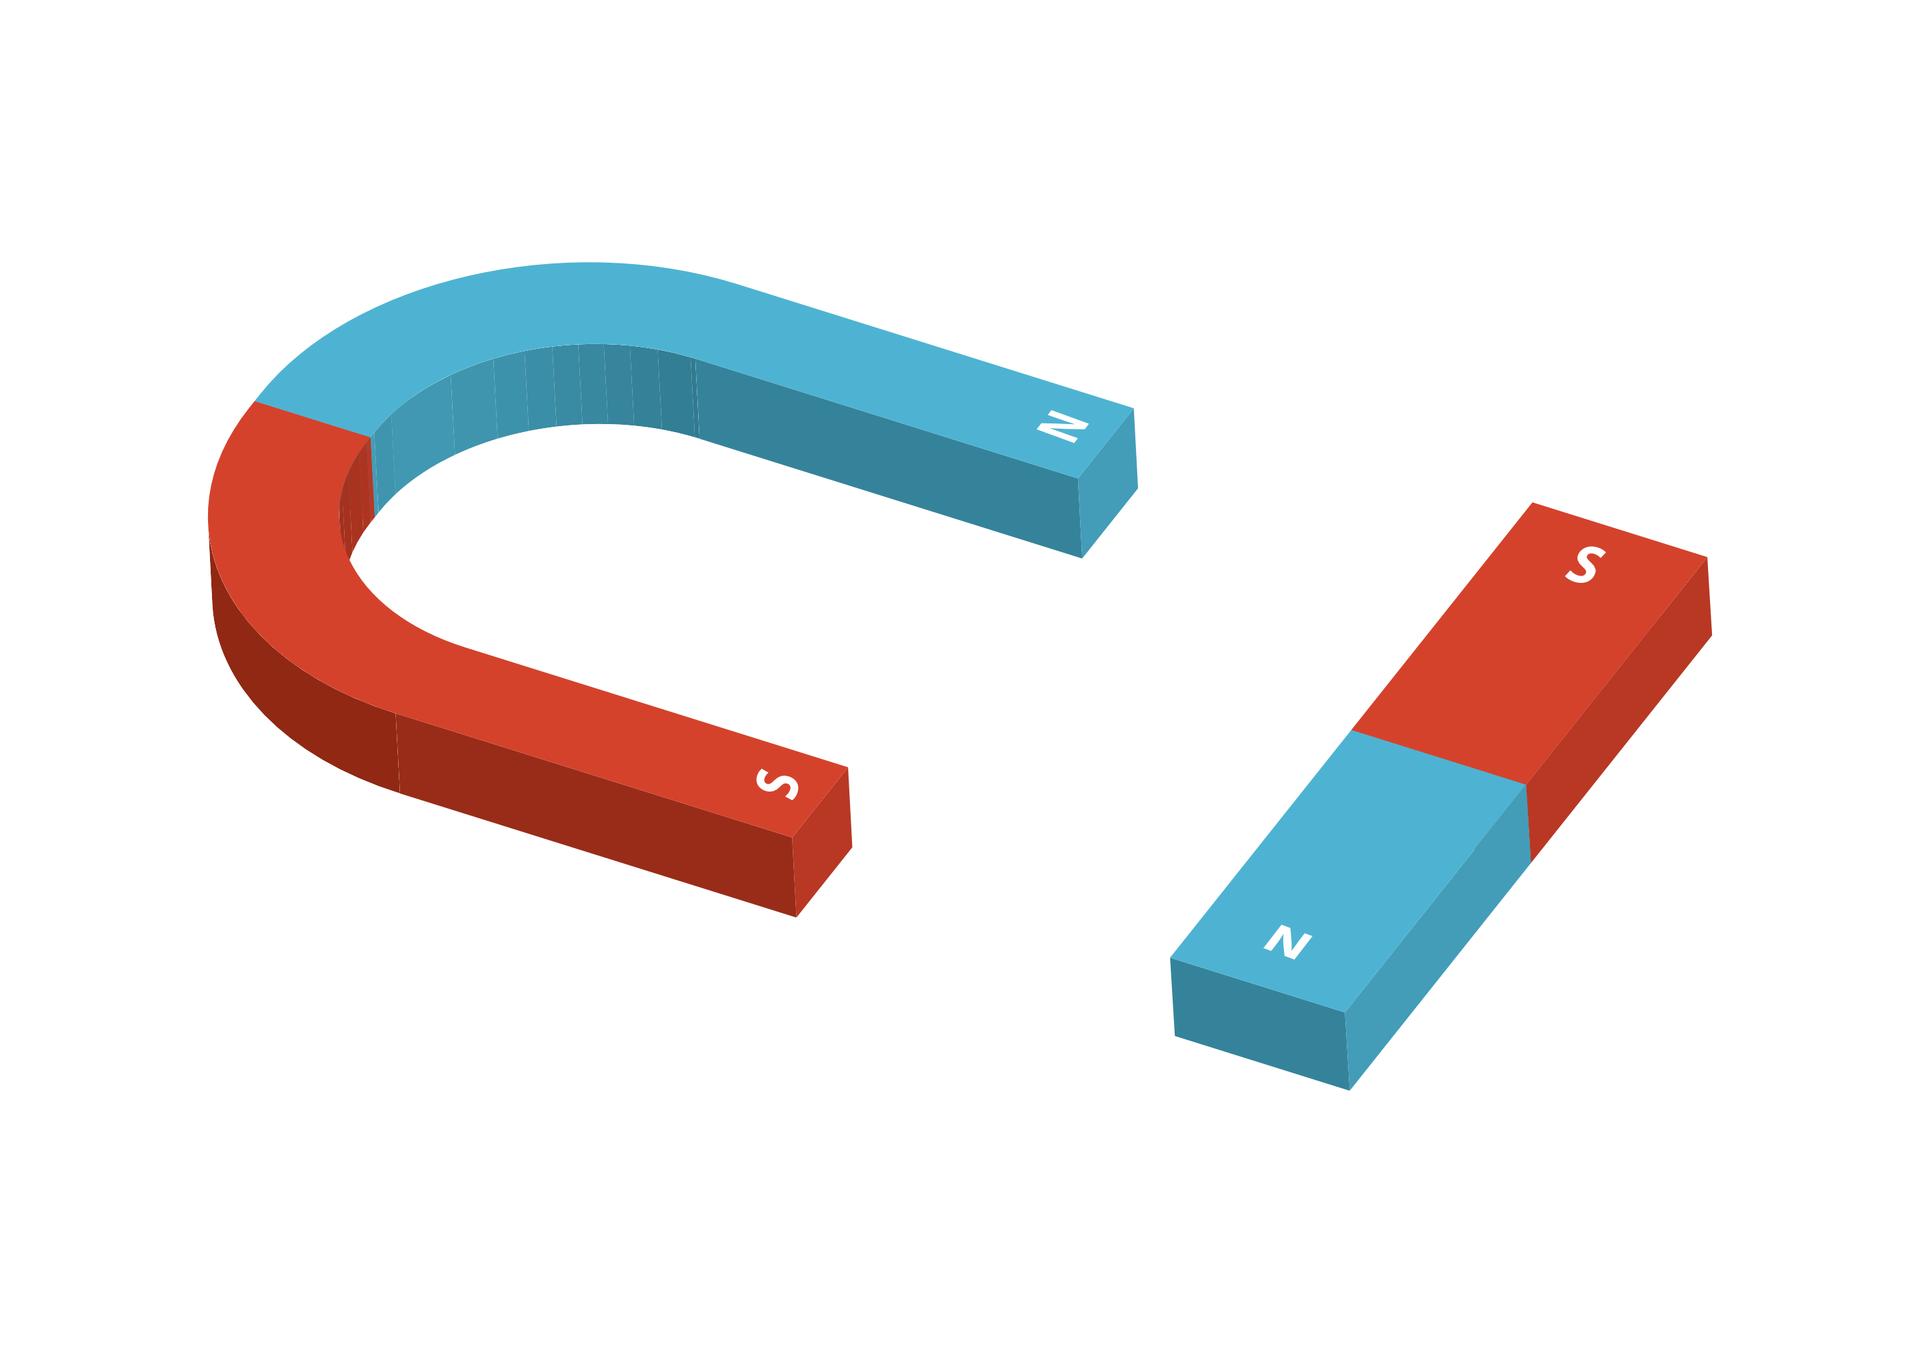 Ilustracja prezentuje dwa magnesy. Po lewej stronie magnes wkształcie podkowy, do połowy zamalowany na niebiesko zoznaczeniem na końcu N, adruga połowa pomalowana na czerwono zoznaczeniem S. Po prawej stronie magnes prostokątny – sztabkowy, zamalowany do połowy na niebiesko zoznaczeniem Niczerwono zoznaczeniem S.